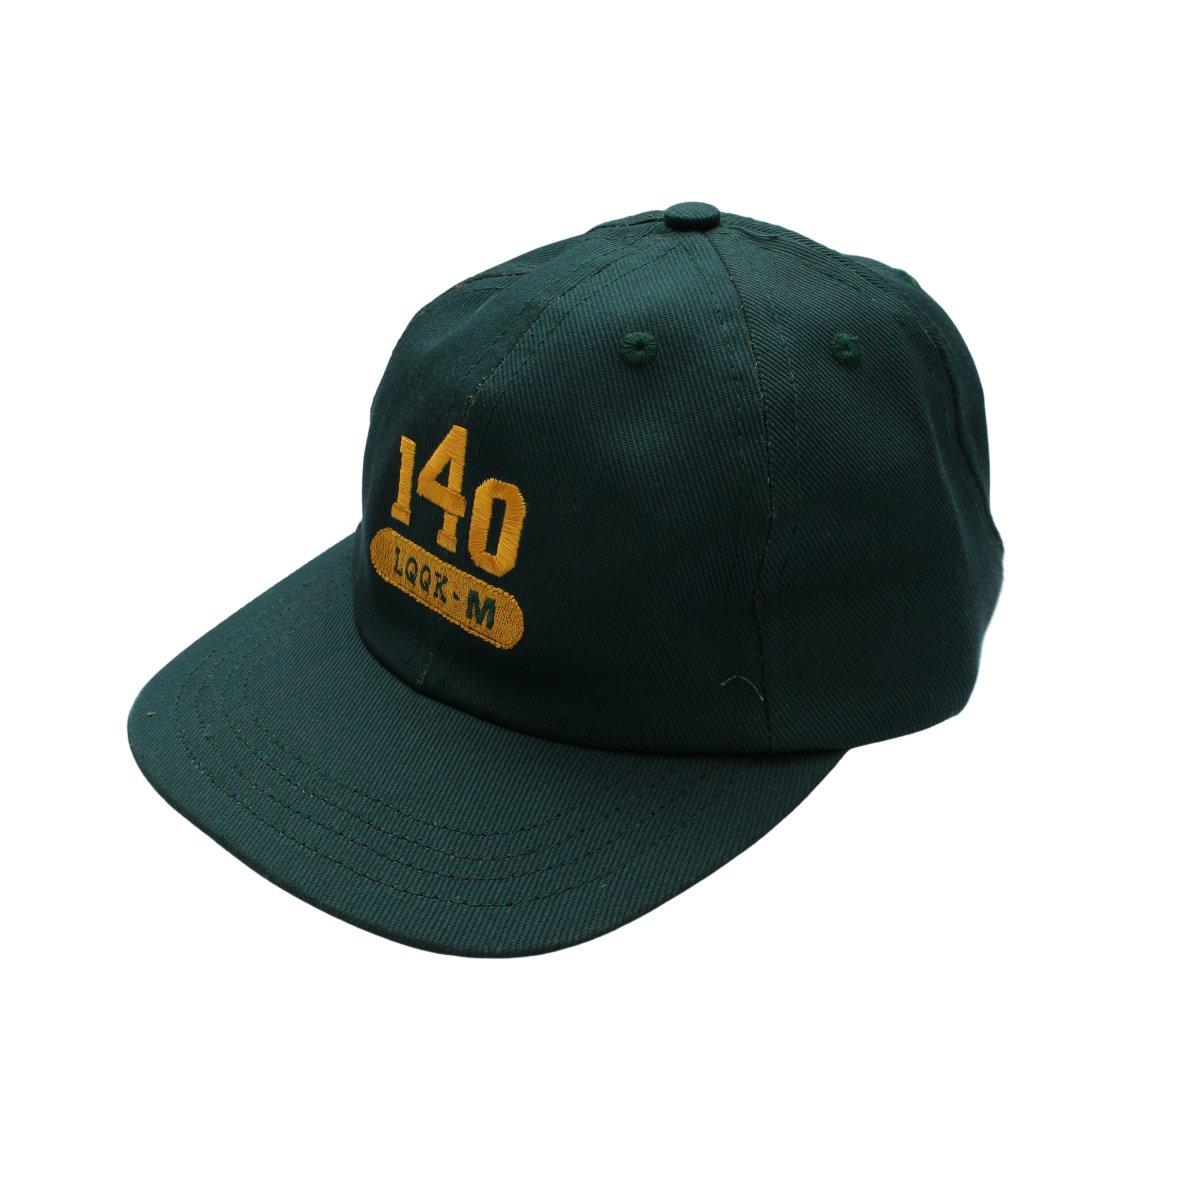 140 HAT